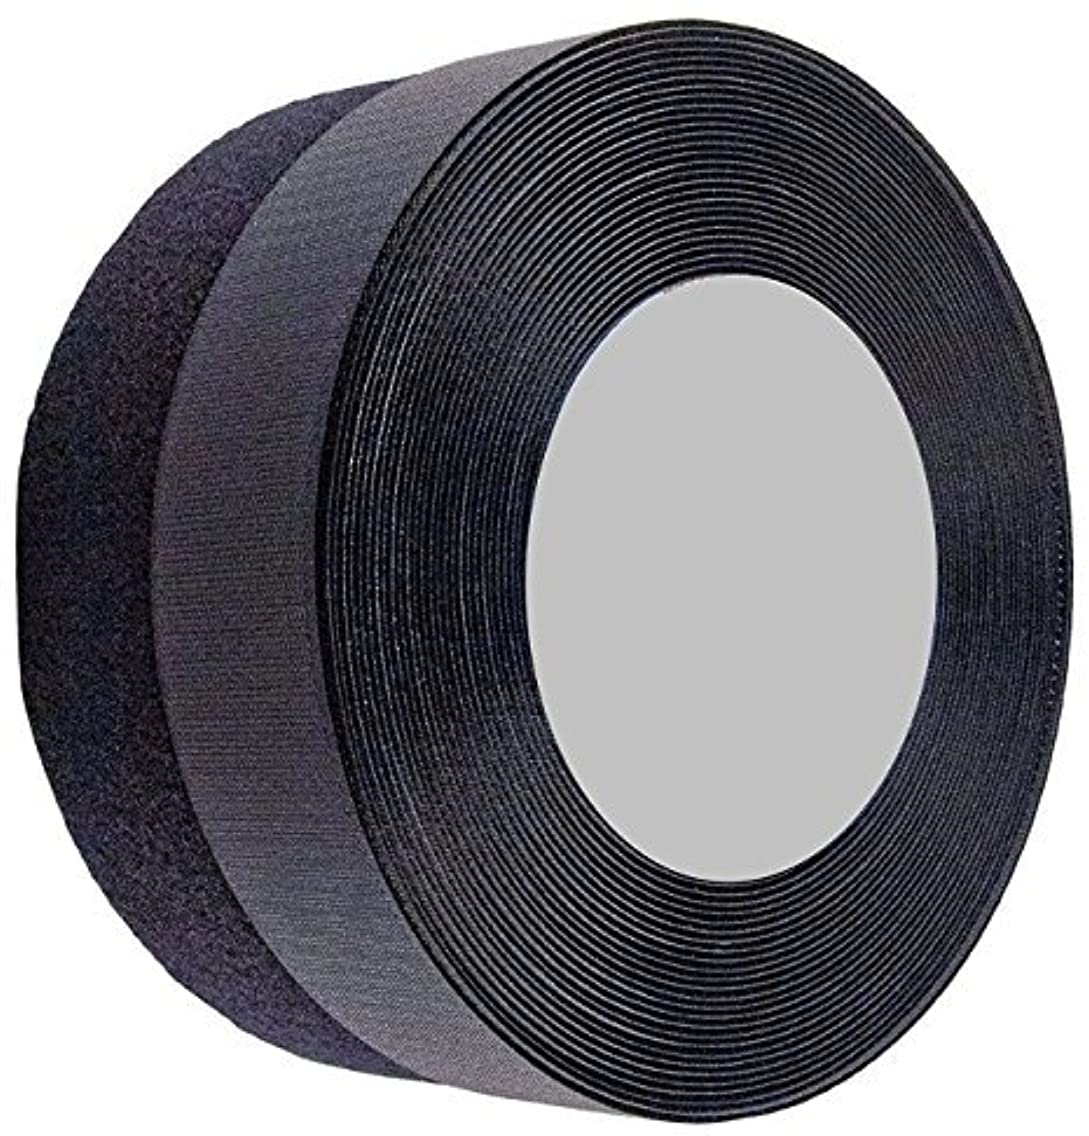 Sea Star 1 inch 10 Yards Black Sew on Hook and Loop Sew On Fasteners (1inch 10yards, Black)